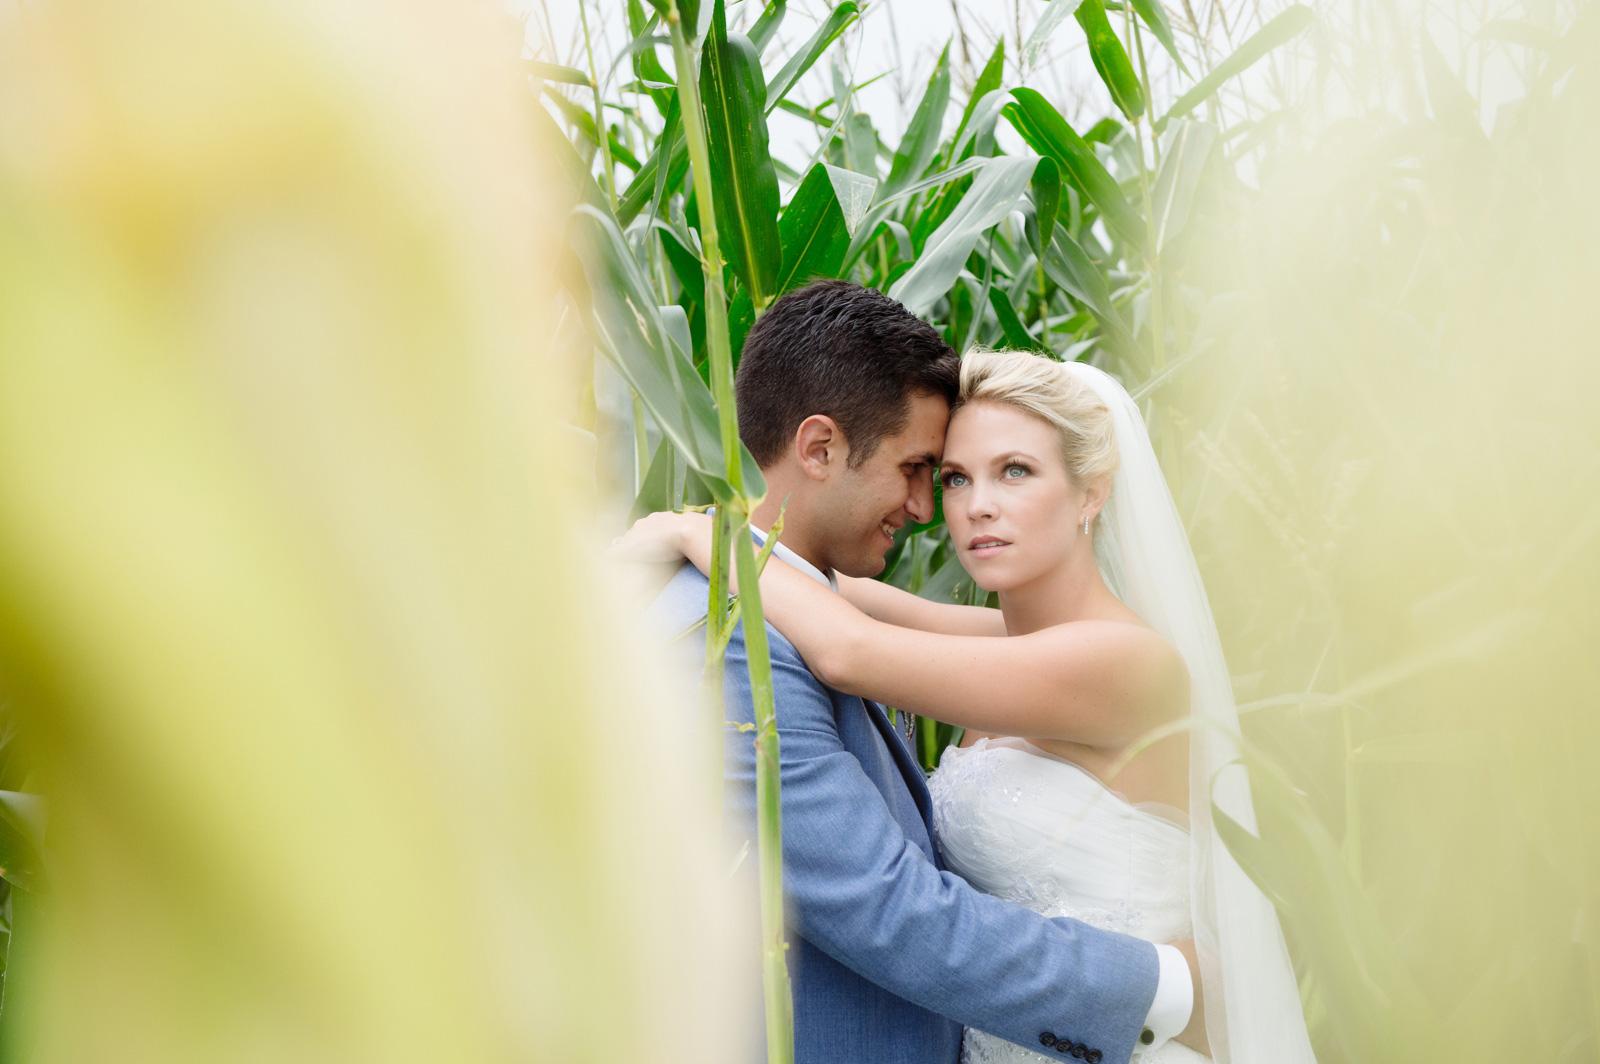 Netherwood Greek Documentary Wedding Photography Couple Creative Shoot